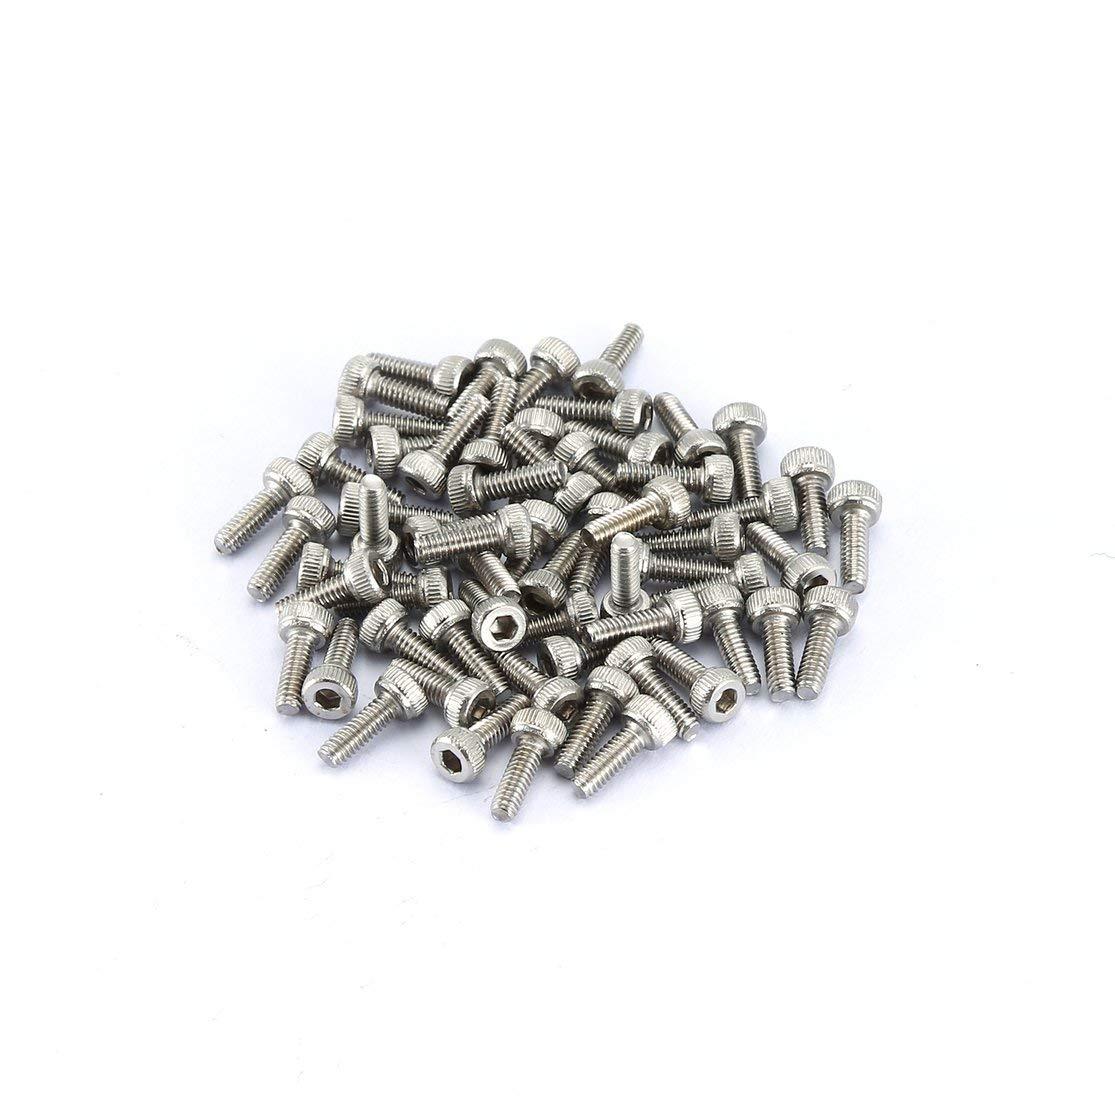 LouiseEvel215 4PCS 1.9 Pulgadas Llave de aleaci/ón de Aluminio Pesado Ruedas de Cubo de llanta Juego de Llantas Ruedas Beadlock Llantas para RC Crawler 1//10 SCX10 90046 TRX4 D90